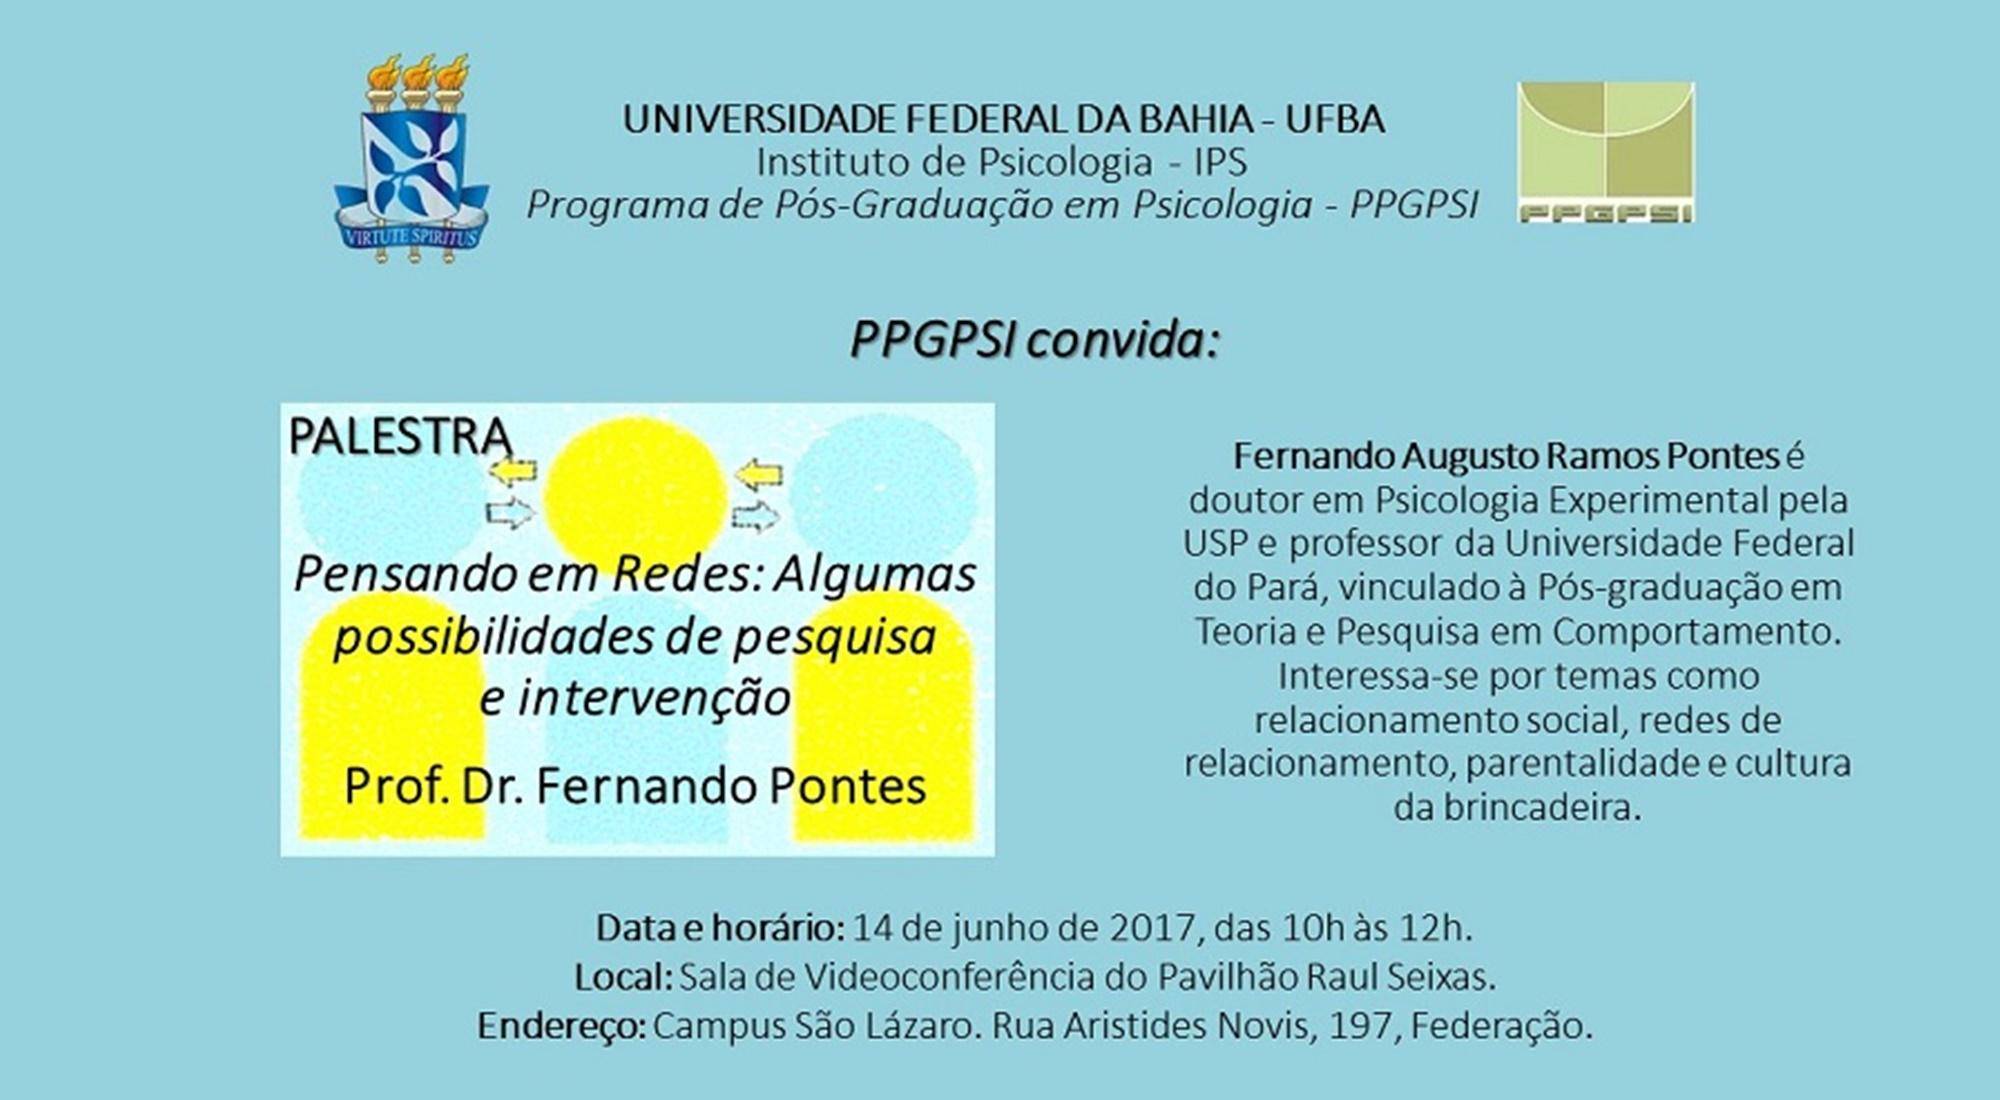 O Programa de Pós-Graduação em Psicologia – PPGPSI organiza a palestra Pensando em redes: algumas possibilidades de pesquisa e intervenção